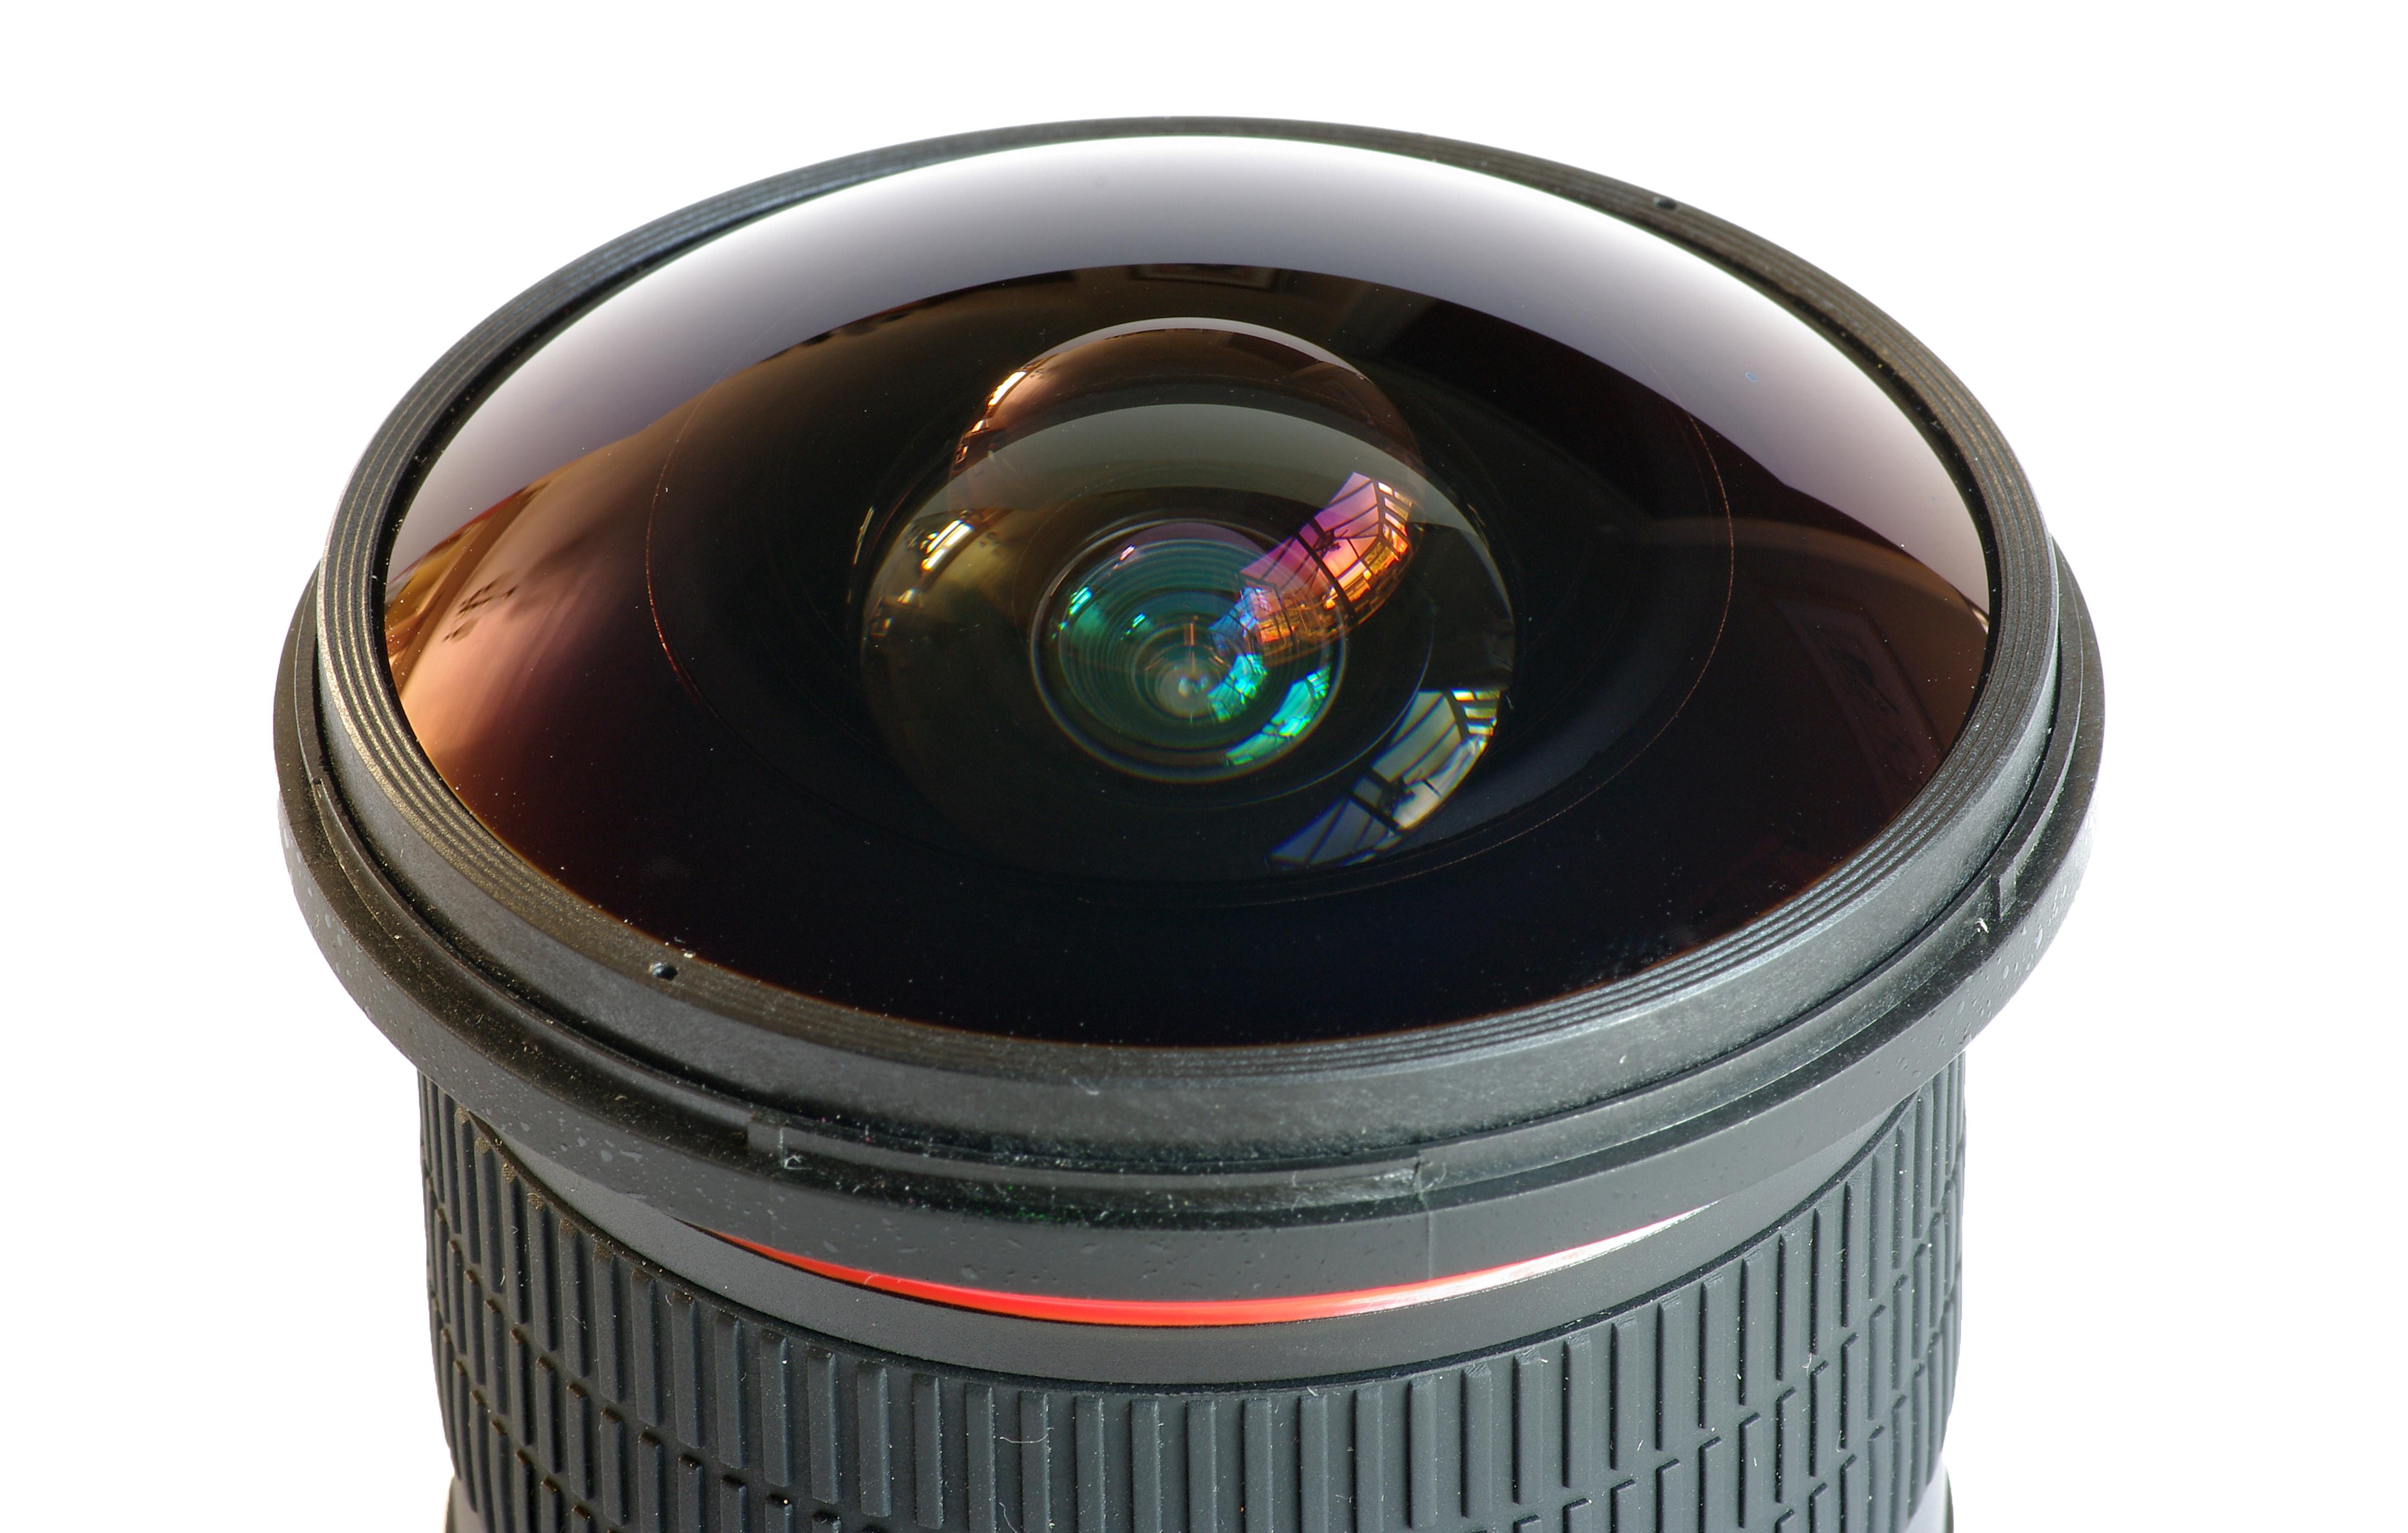 Kelda 8mm f 3 5 fisheye cs lens review for Fish eye camera